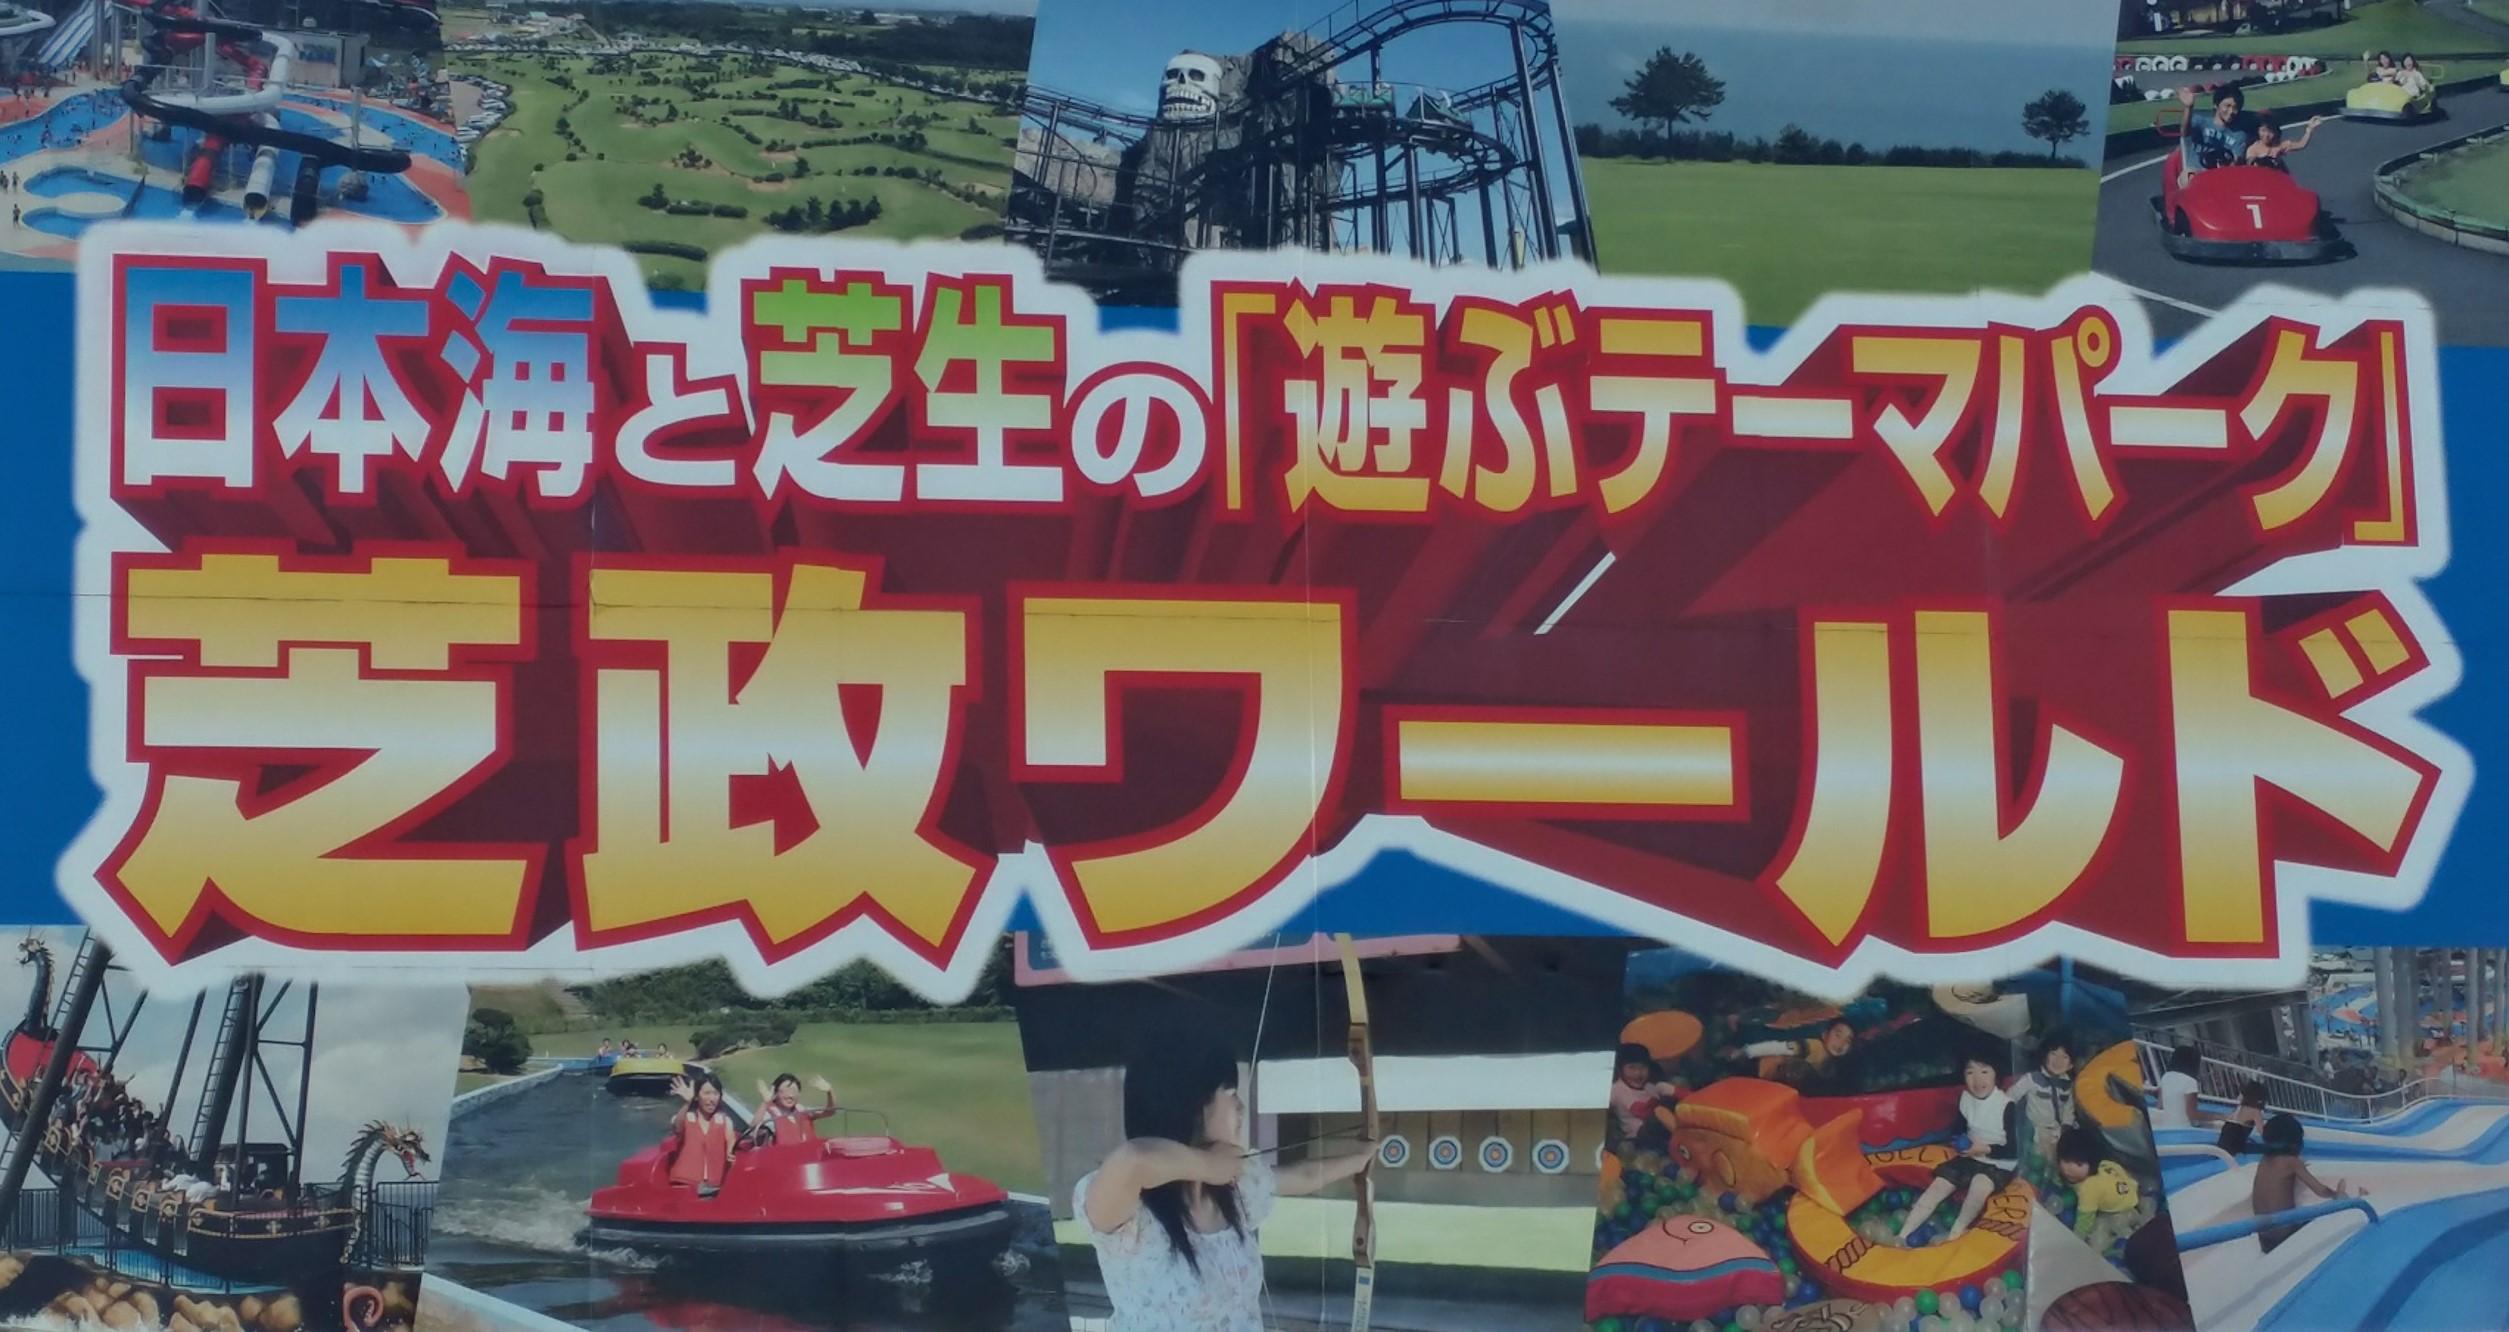 芝政ワールド(福井県坂井市)新型コロナの影響        5/23~屋内屋外ともに通常営業再開中 2021.05.01時点